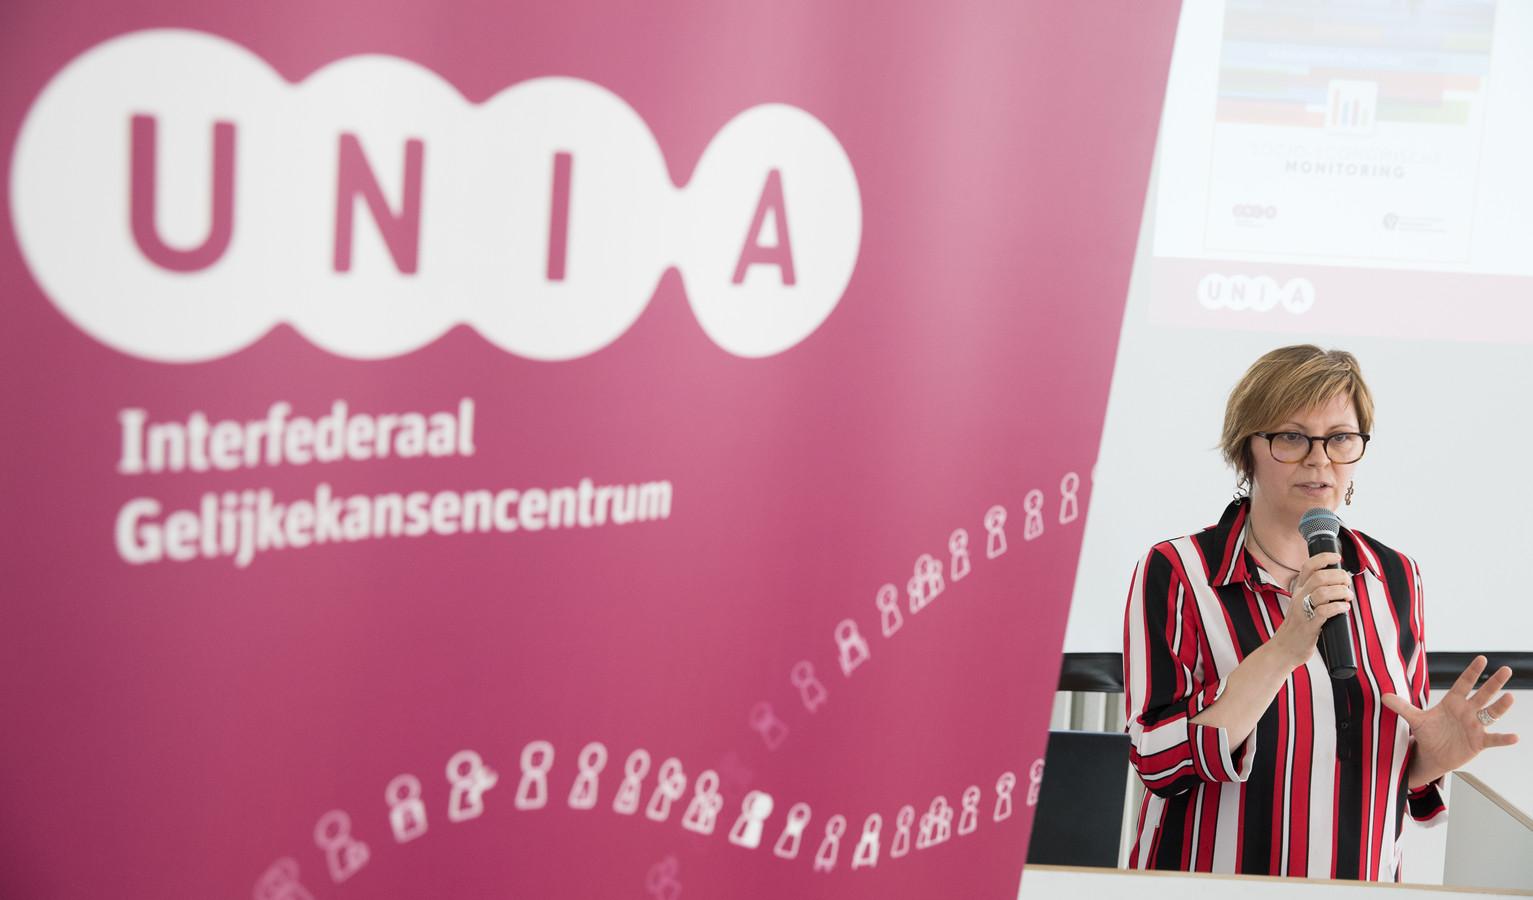 De nieuwe Vlaamse regering is van plan om de samenwerking met Unia stop te zetten en een gelijkekansencentrum op te richten. Die beslissing zal ook financiële gevolgen hebben voor Unia, want de Vlaamse overheid staat in voor zowat 10 procent van de financiering van het centrum.